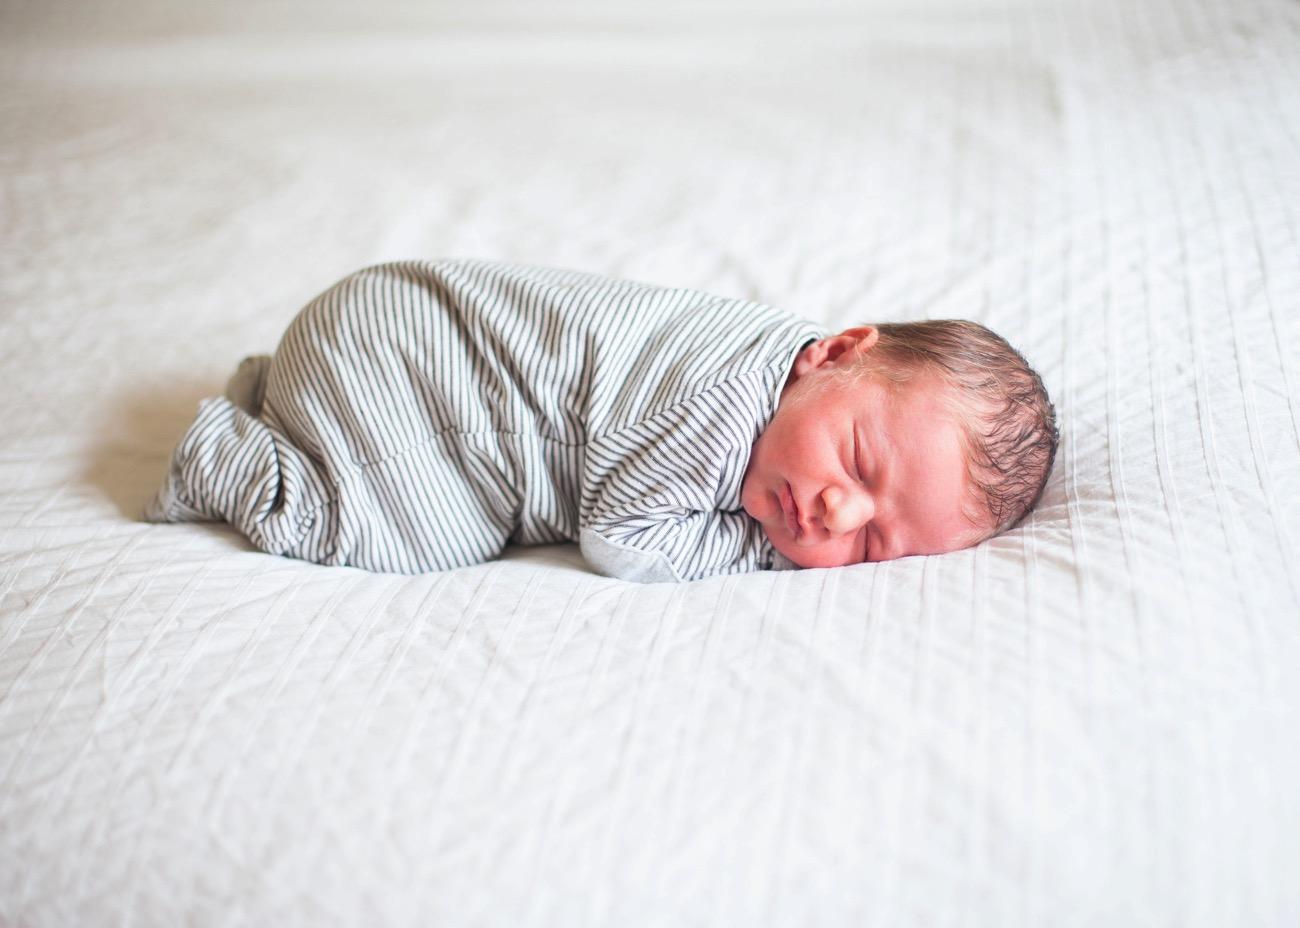 WrightFamily BabyGabriel 5226